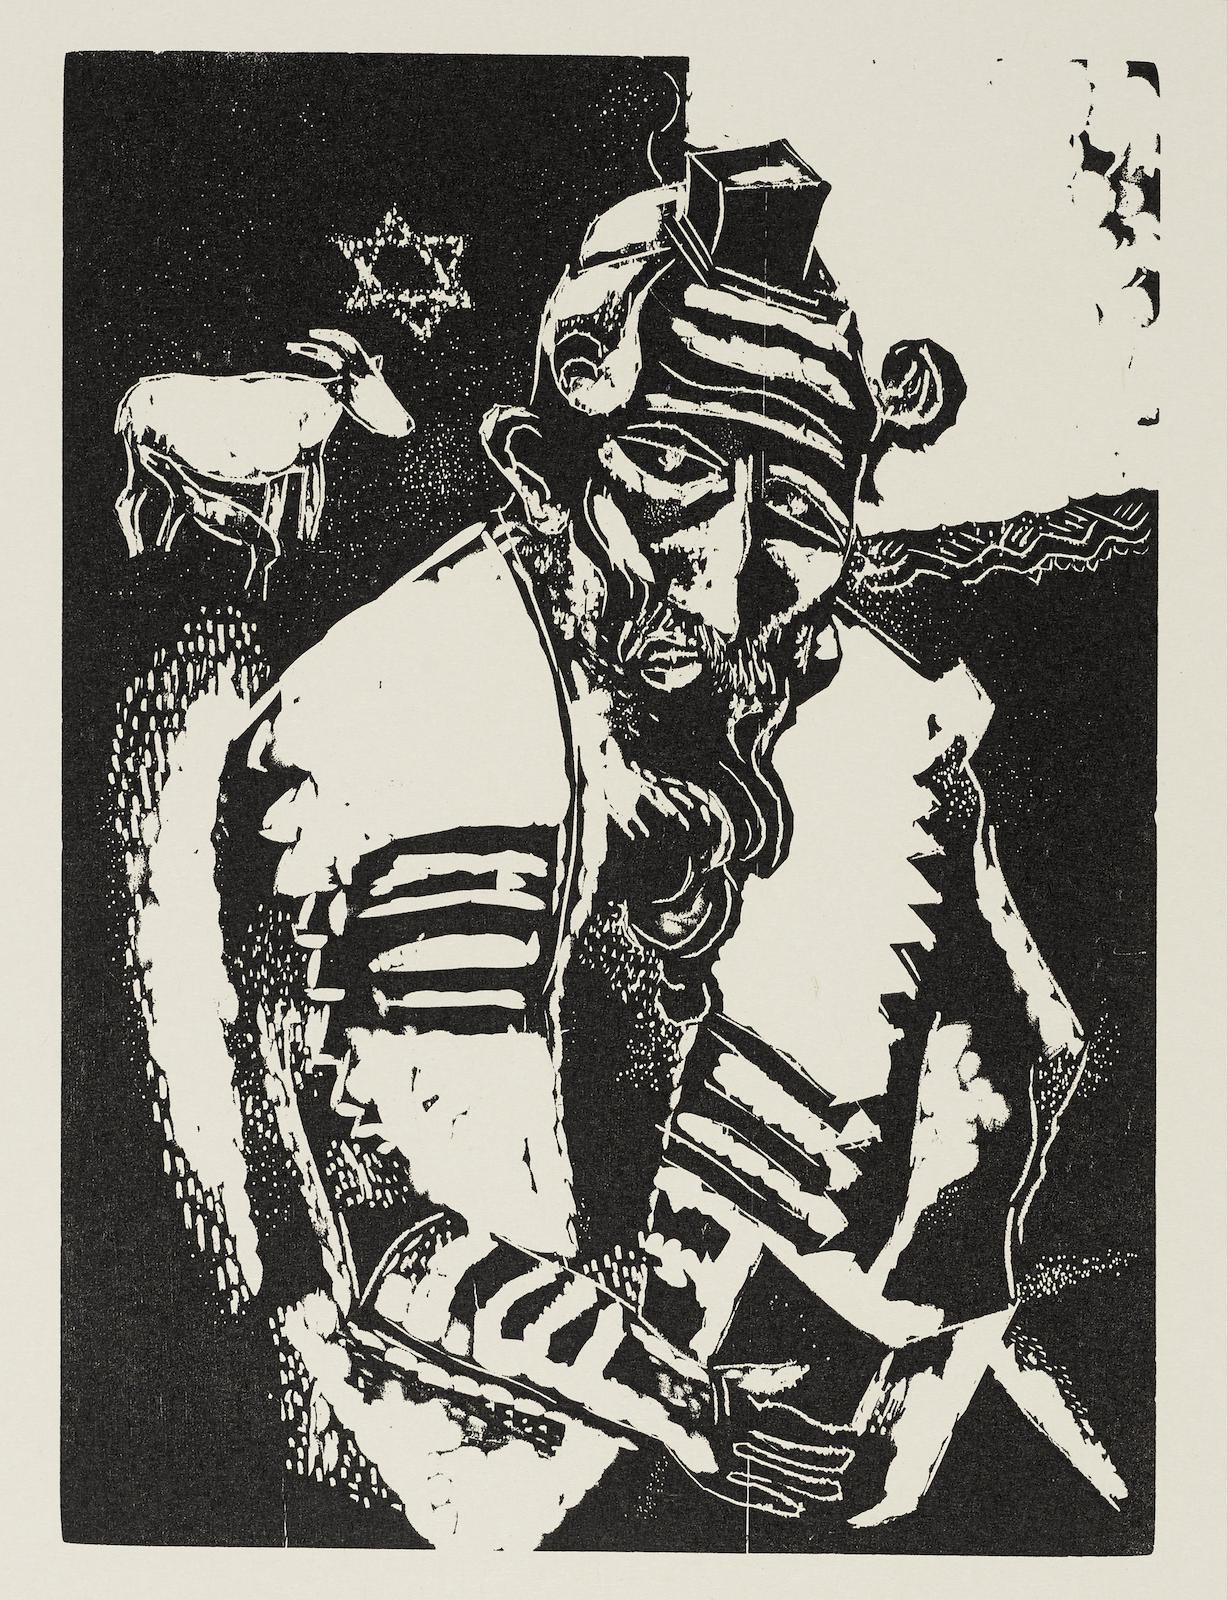 Marc Chagall-A Group Of Six Wood Engravings: Le juif priant (K. 31), La maison (K. 32), L'homme au sac (K. 33), Chevre et violin (K. 34), Juif a la Thora (K. 35), L'écuyere et le coq (K. 84)-1923